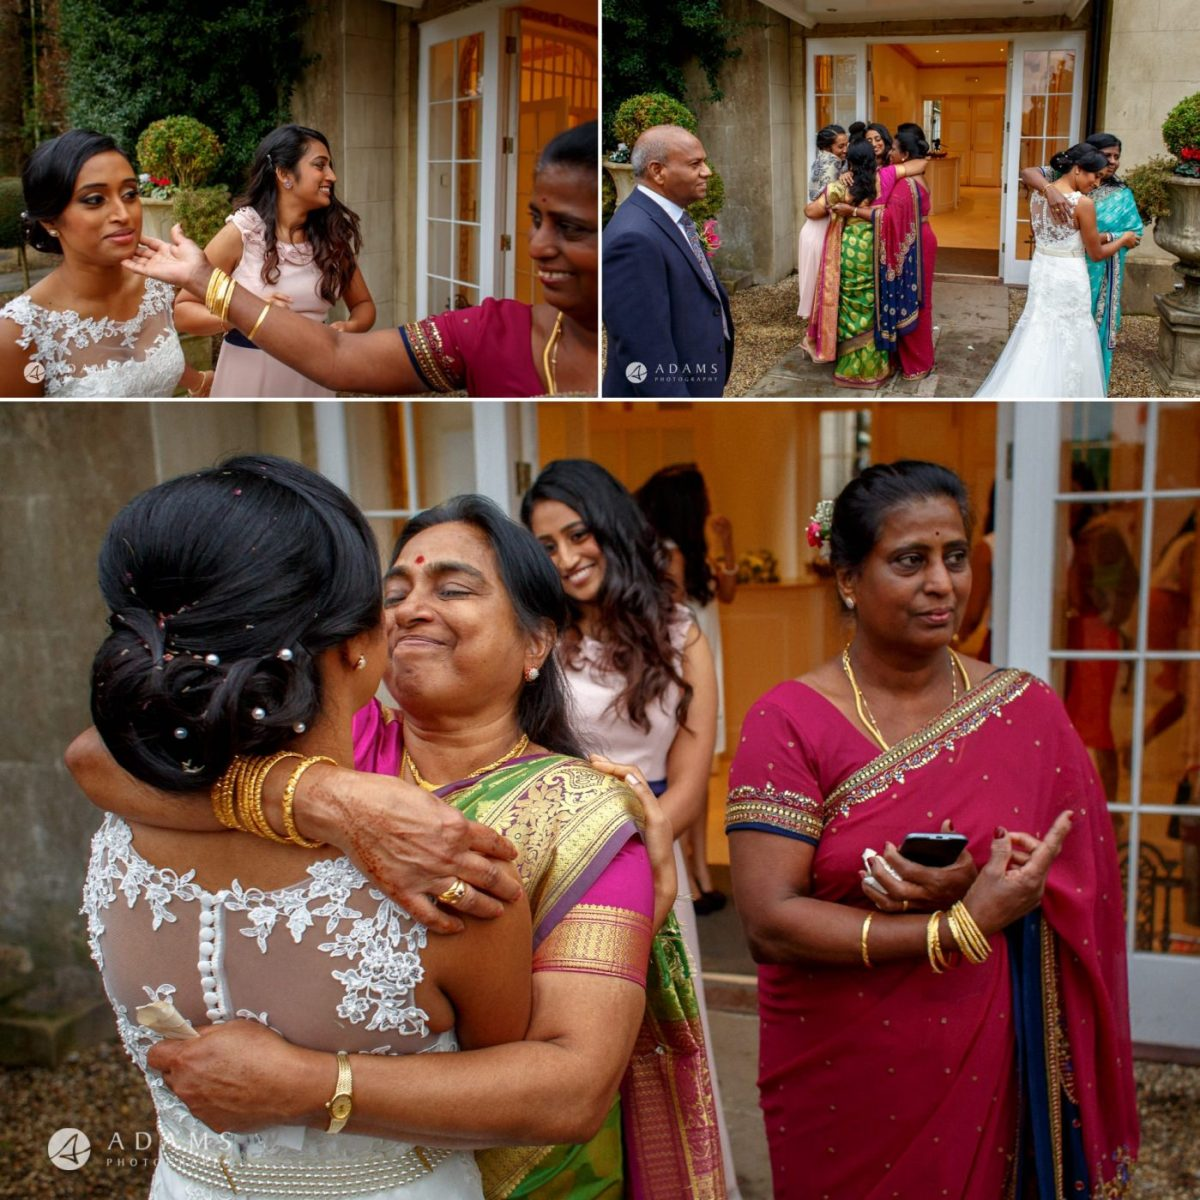 Northbrook Park Wedding Photography | Twa + Len 20